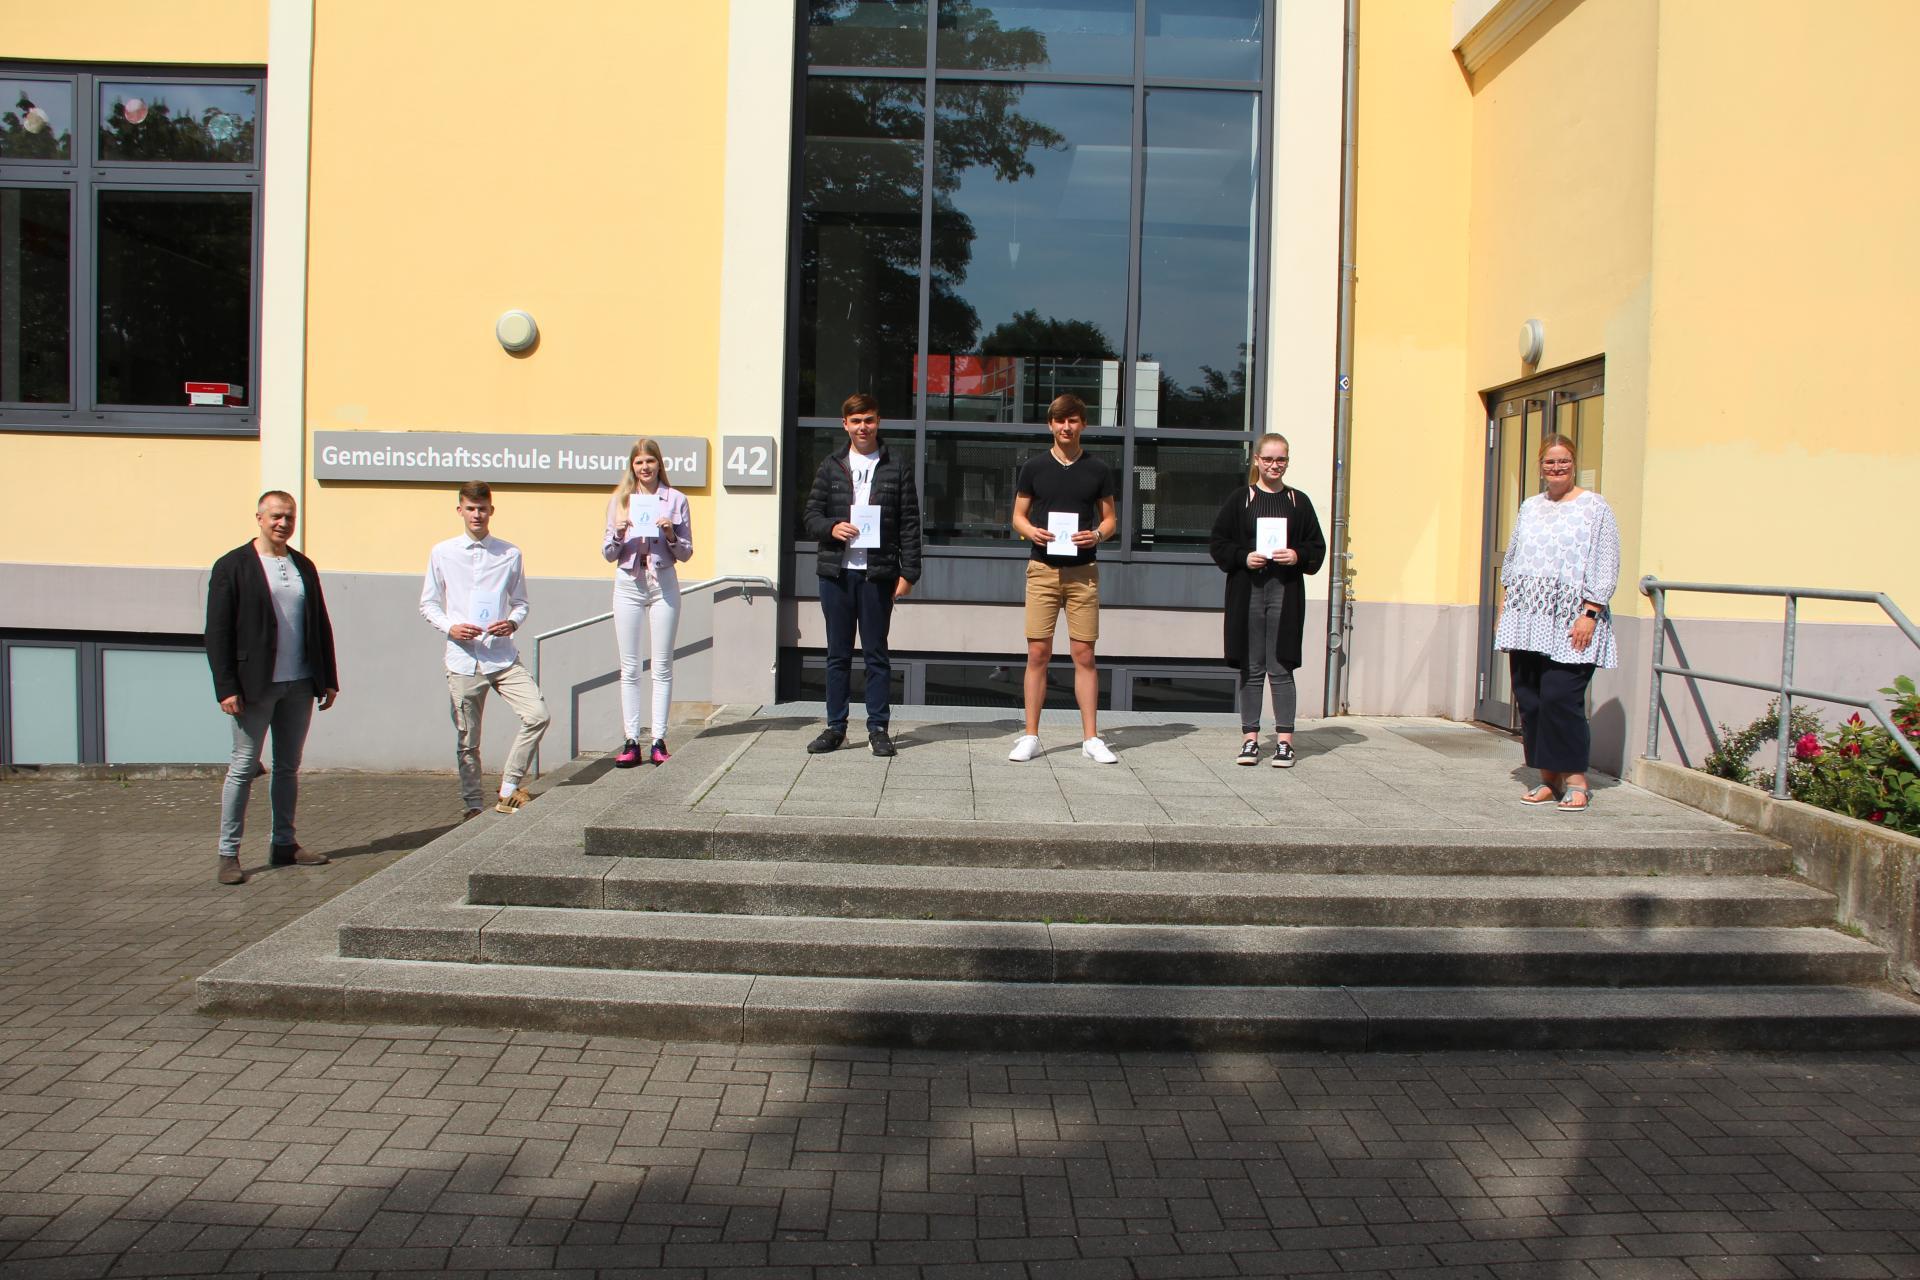 Beste Schüler der Gemeinschaftsschule Husum Nord